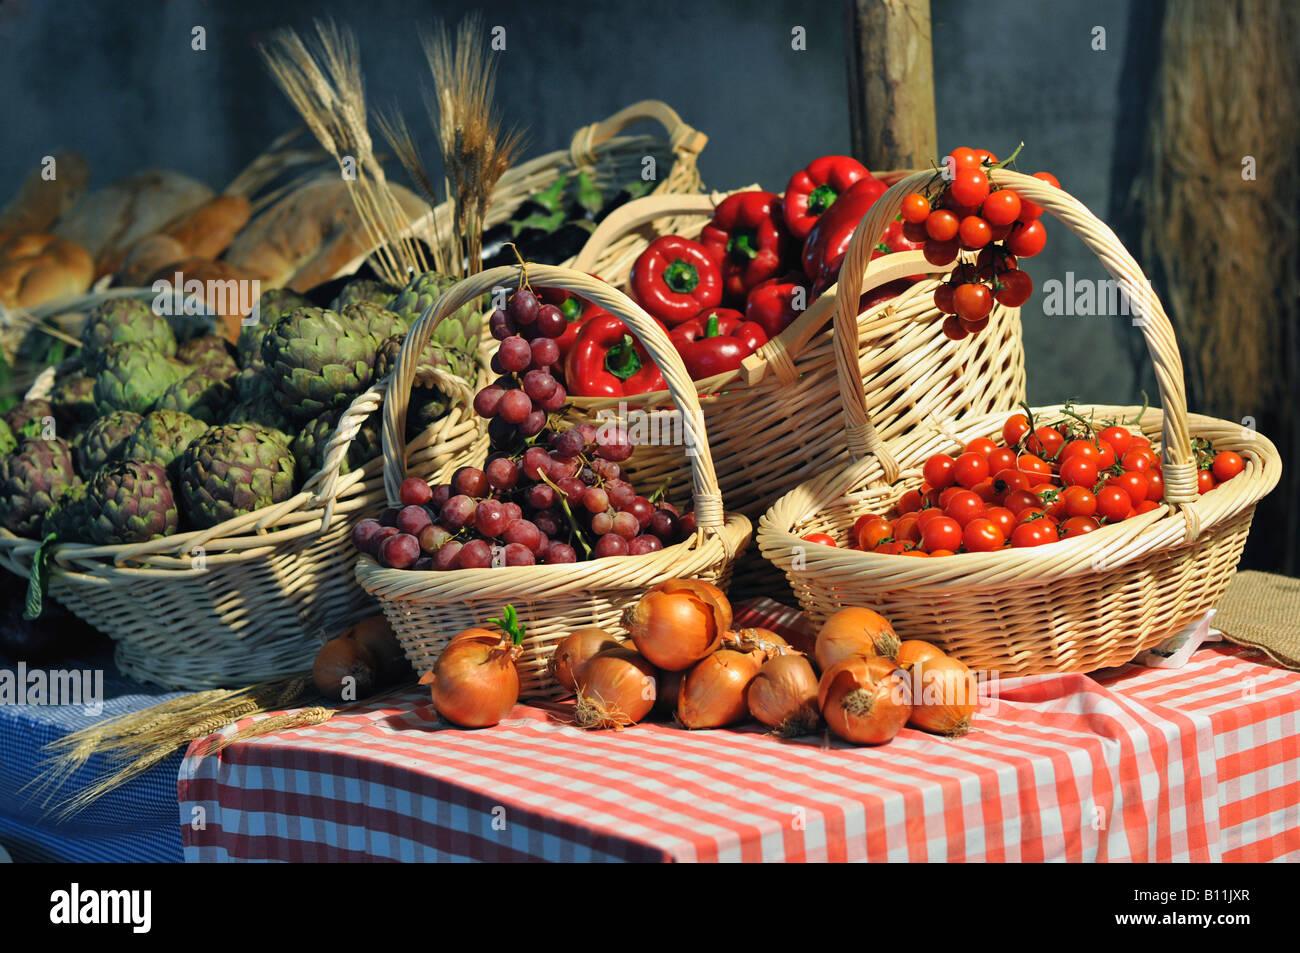 Typische italienische Agrarprodukte Stockbild